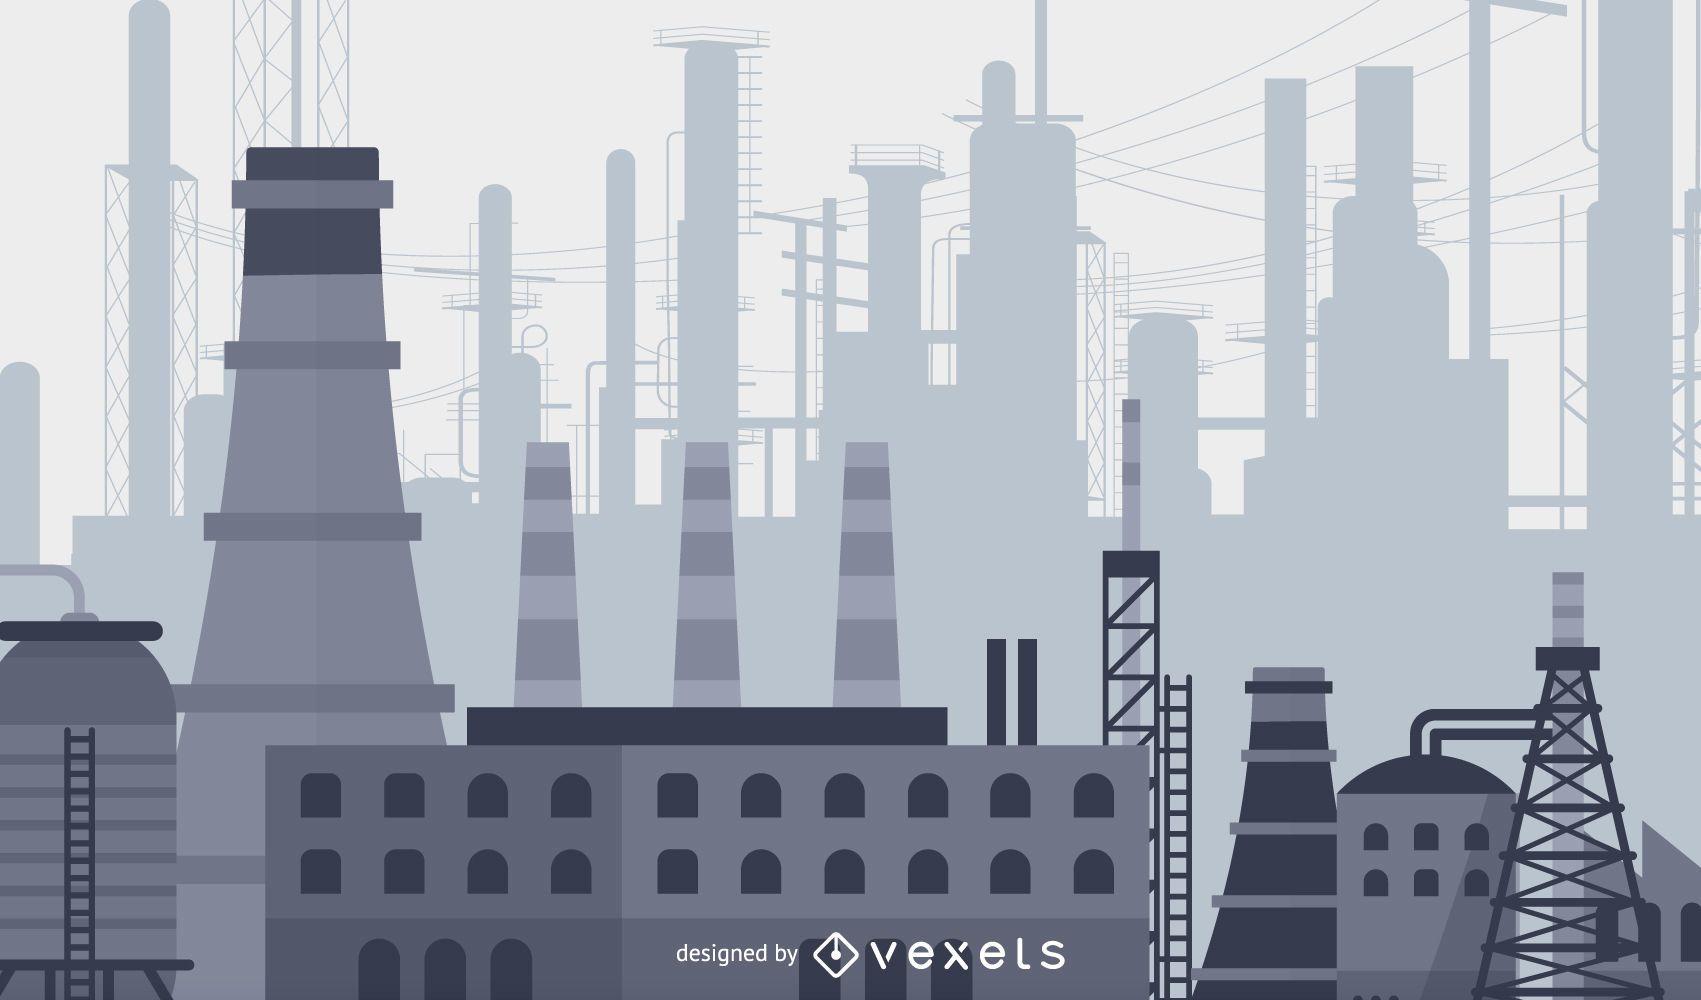 Heavy Industry illustration design